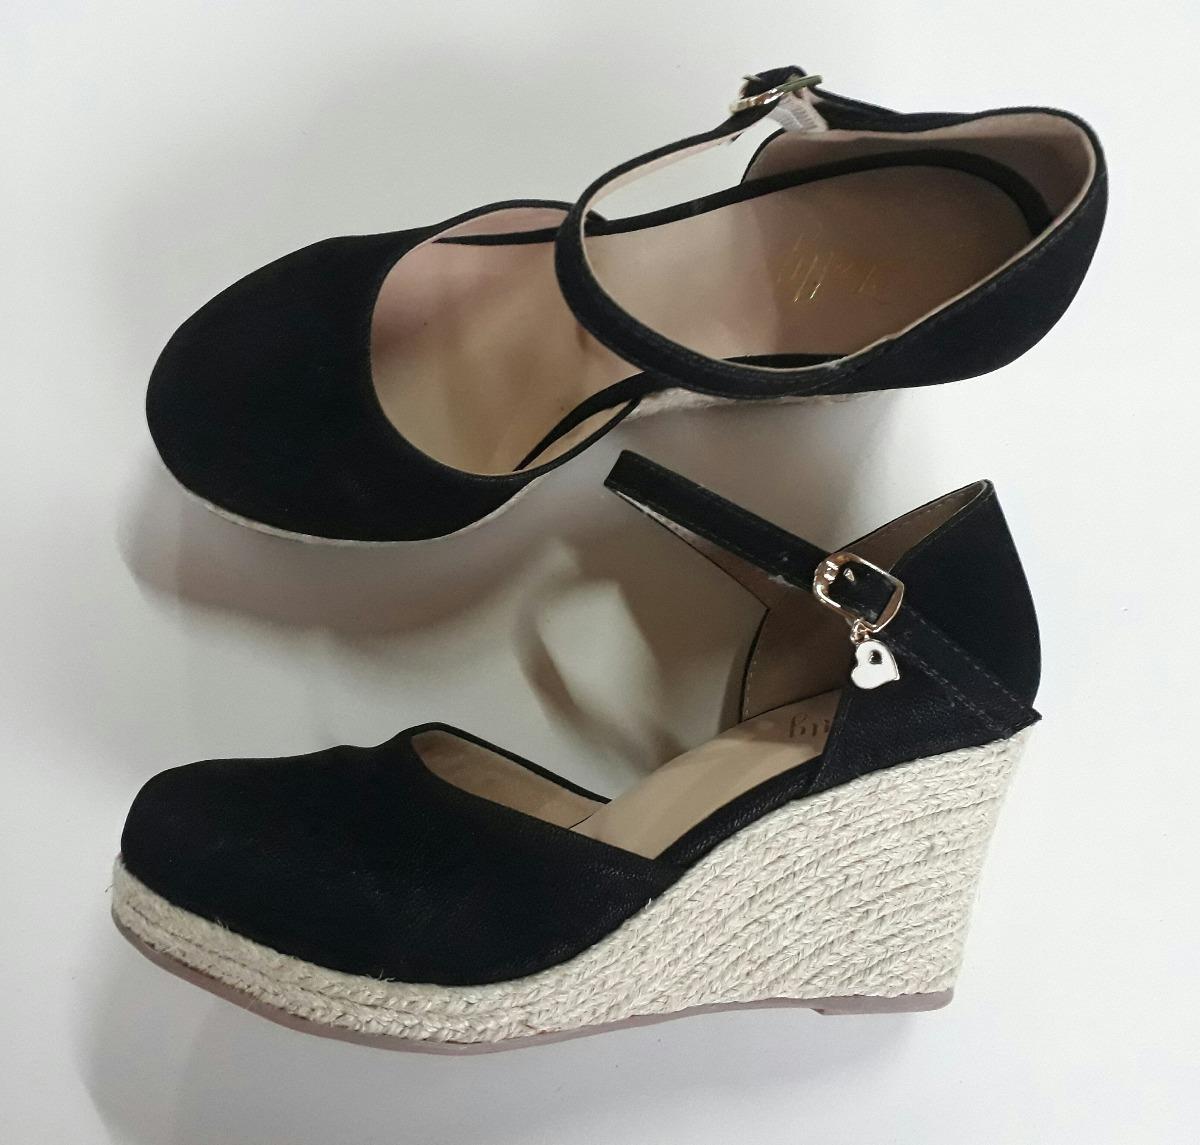 a2451219b2 sandália feminina anabela espadrille salto médio alto preto. Carregando  zoom.